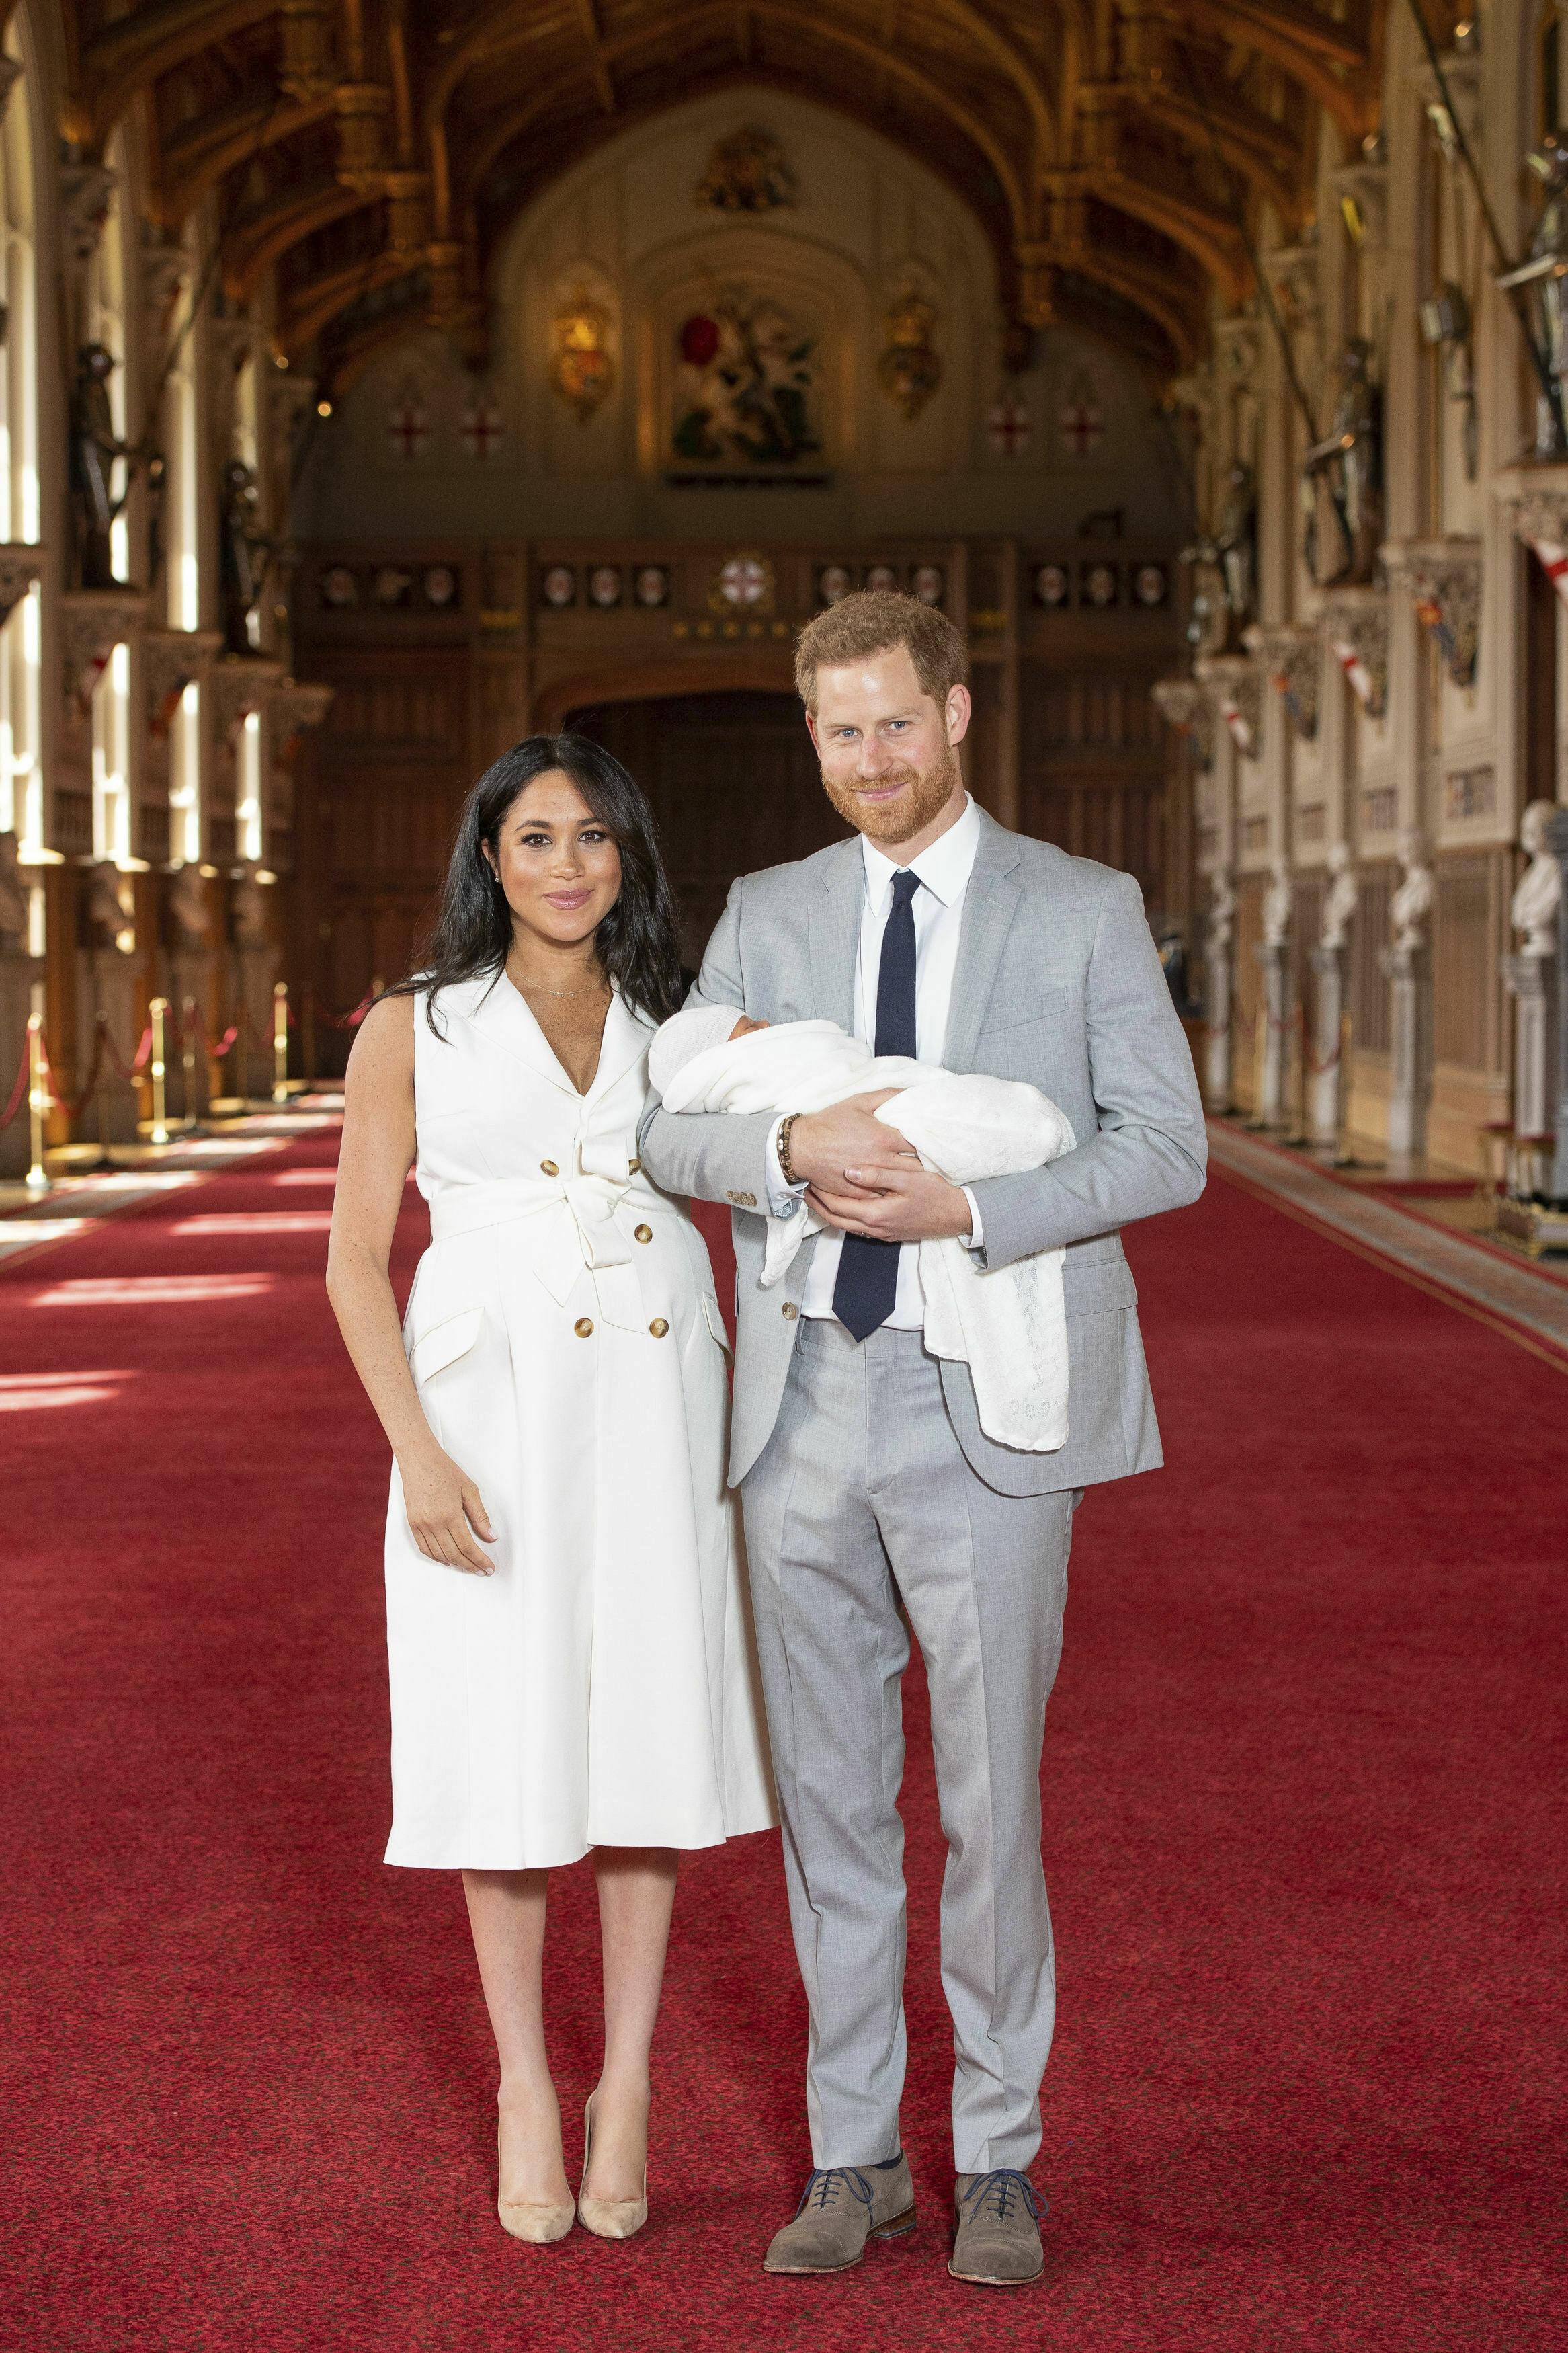 El 6 de mayo de 2019 la pareja recibió a su primogénito, al que llamaron Archie Harrison Mountbatten-Windsor. (Archivo)